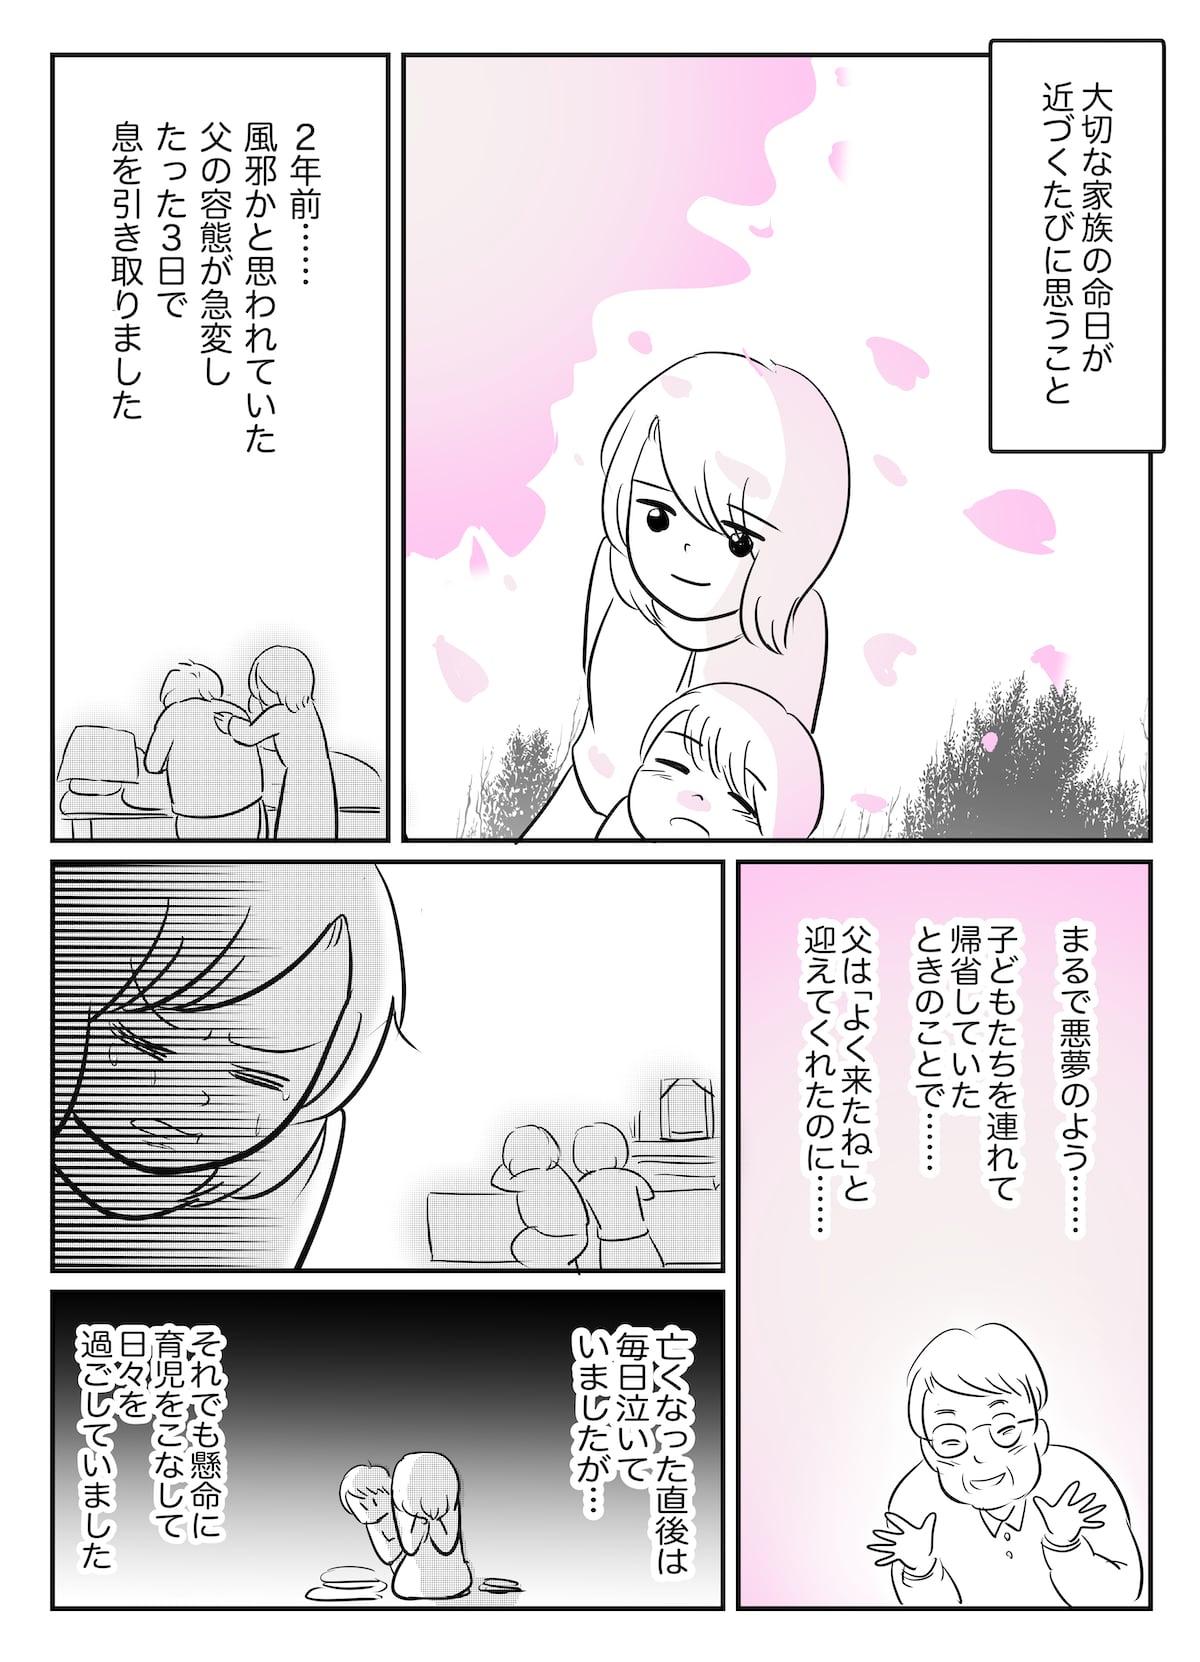 大切な家族の命日が近づくたびに思うこと_001 (1)